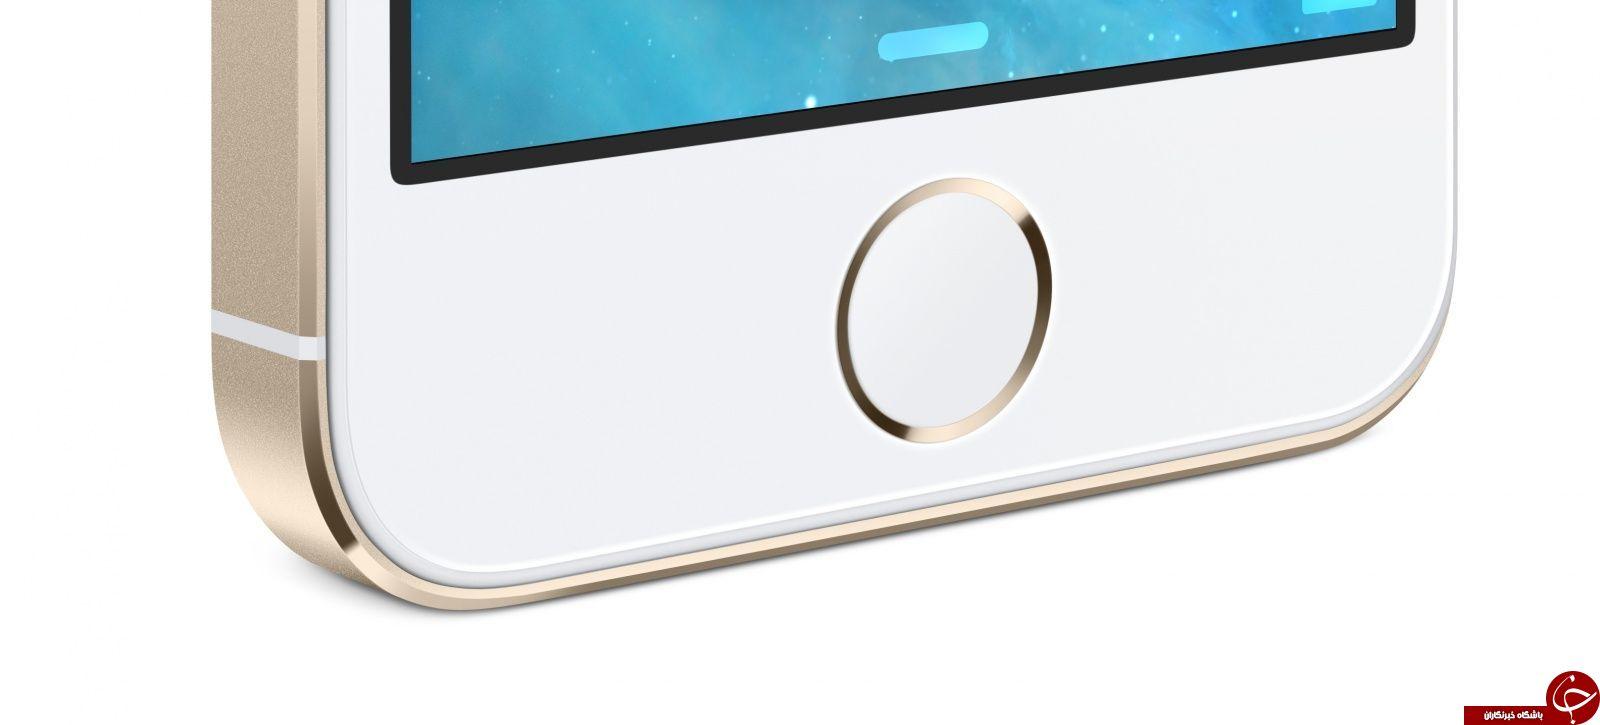 تاچ سه بعدی جای دکمه هوم آیفون 7 را می گیرد